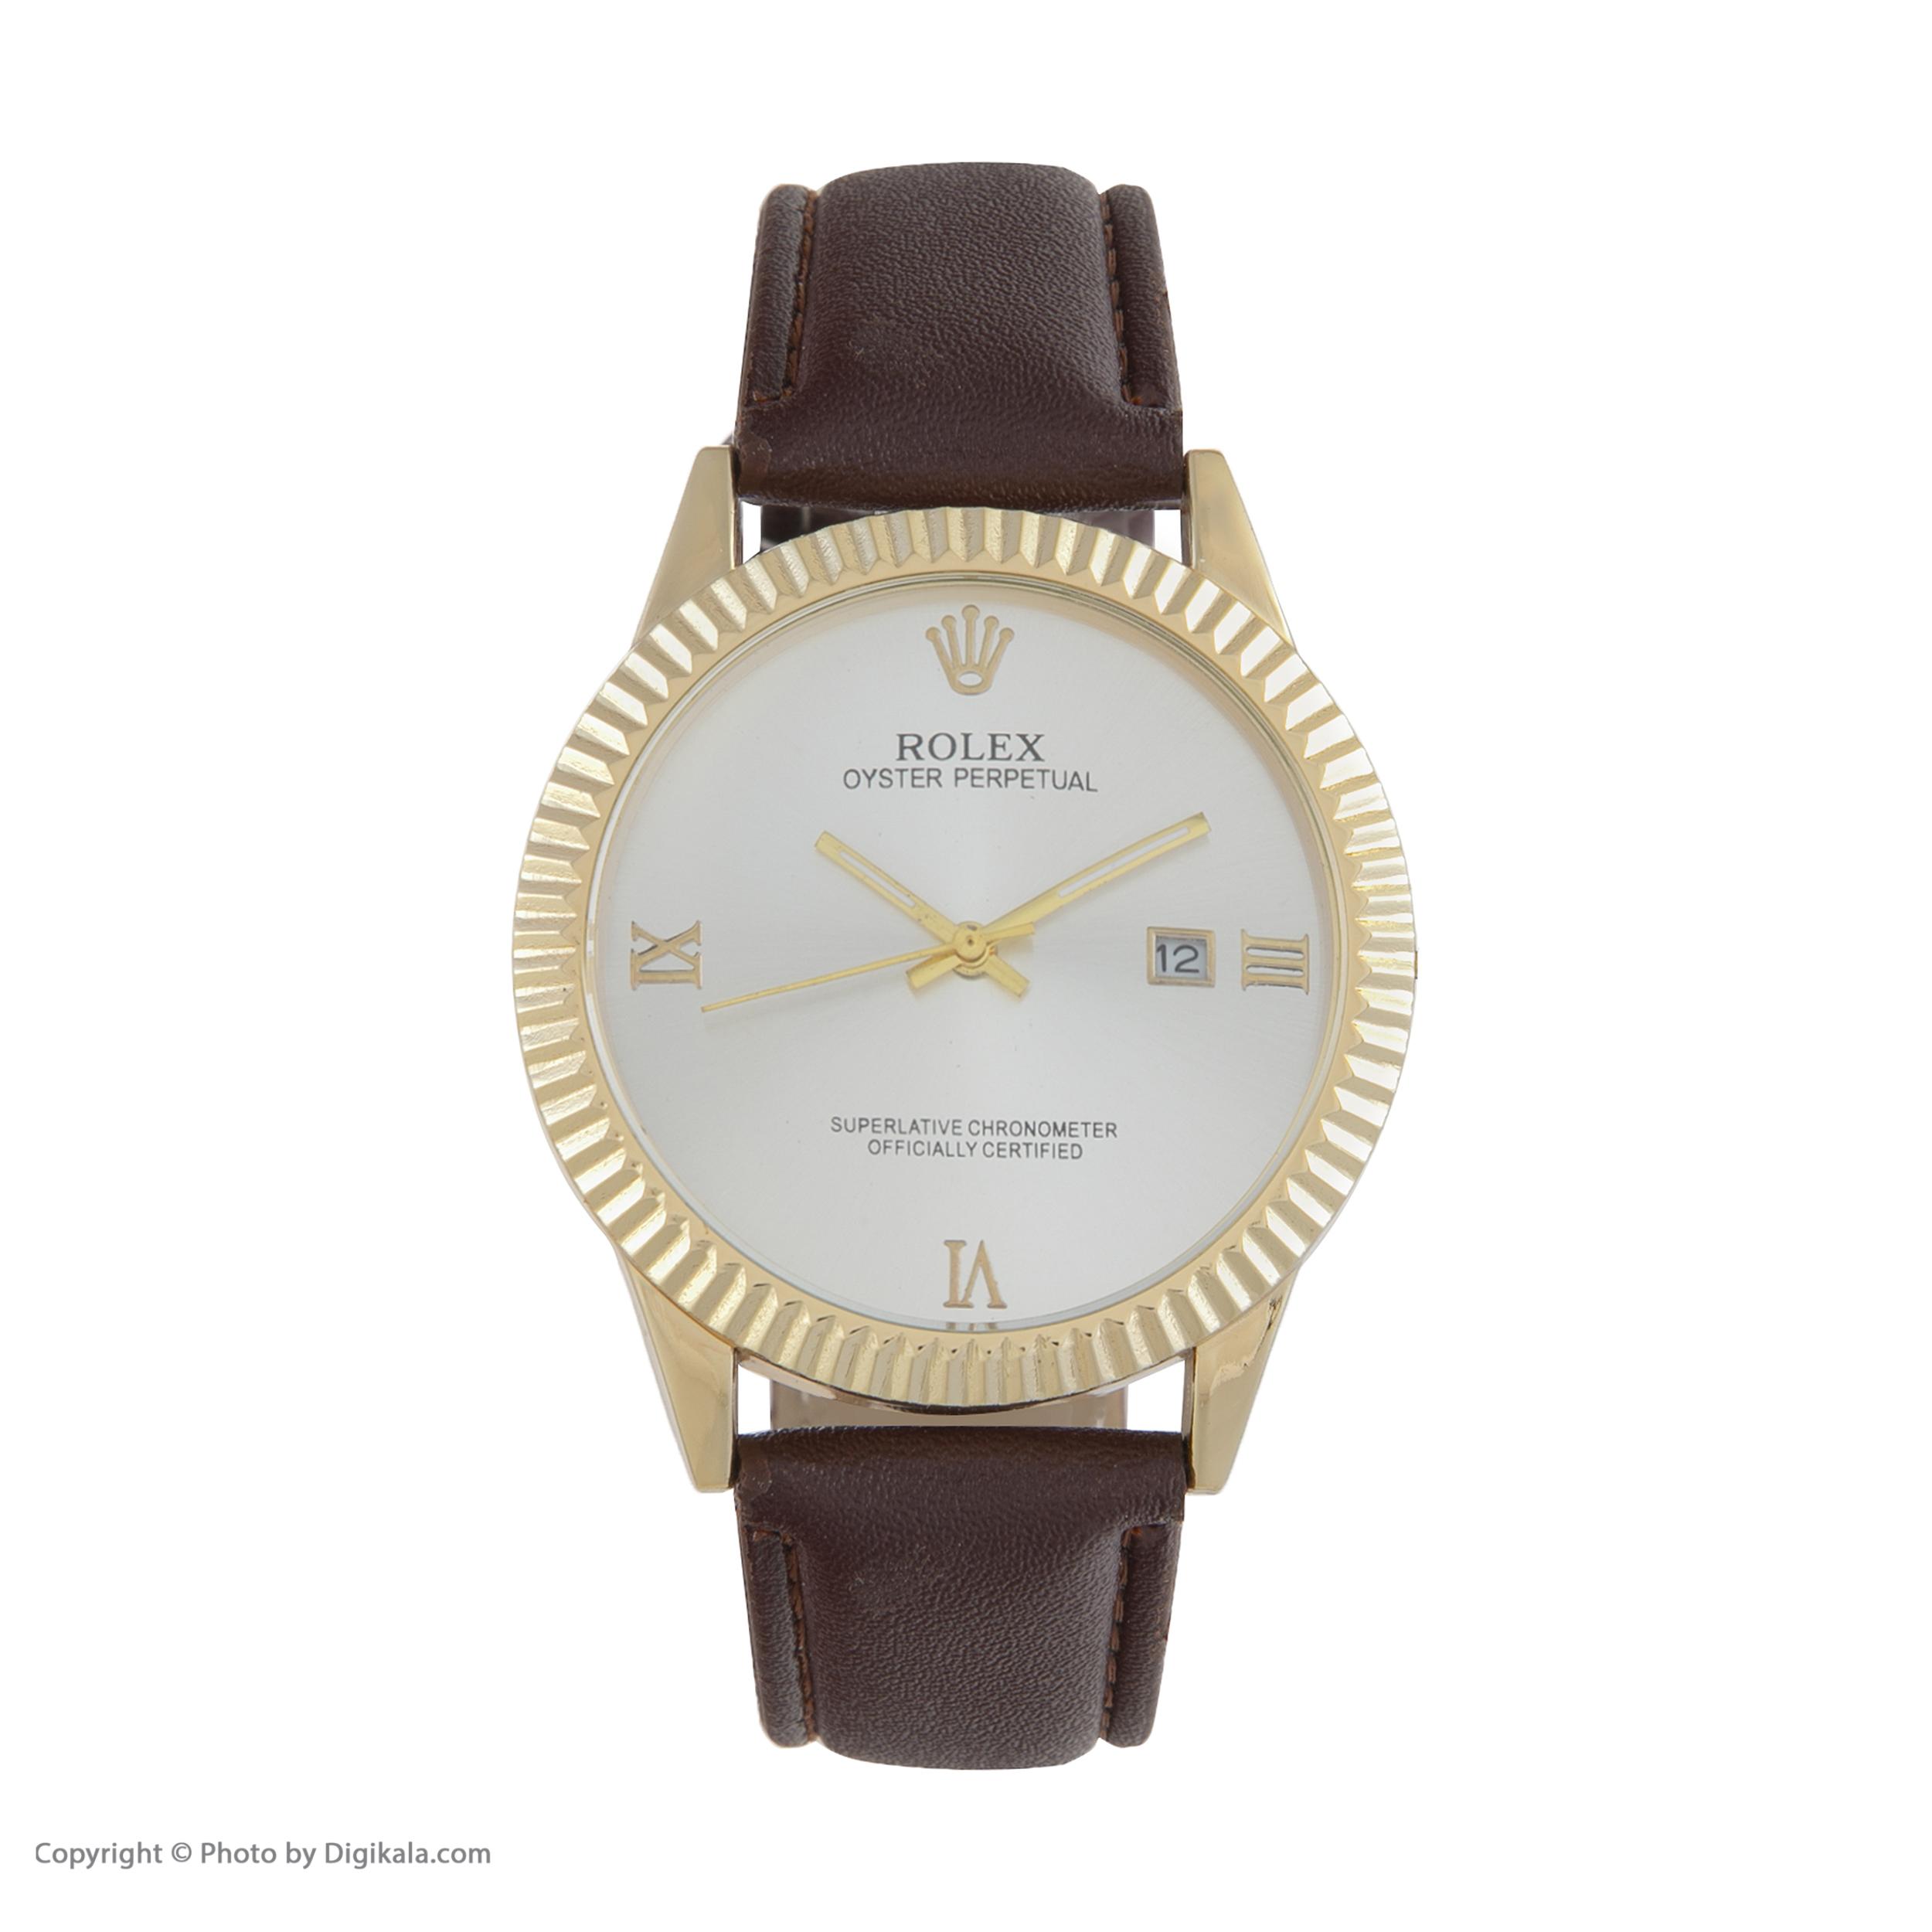 ساعت مچی عقربه ای مدل R-6689a              خرید (⭐️⭐️⭐️)